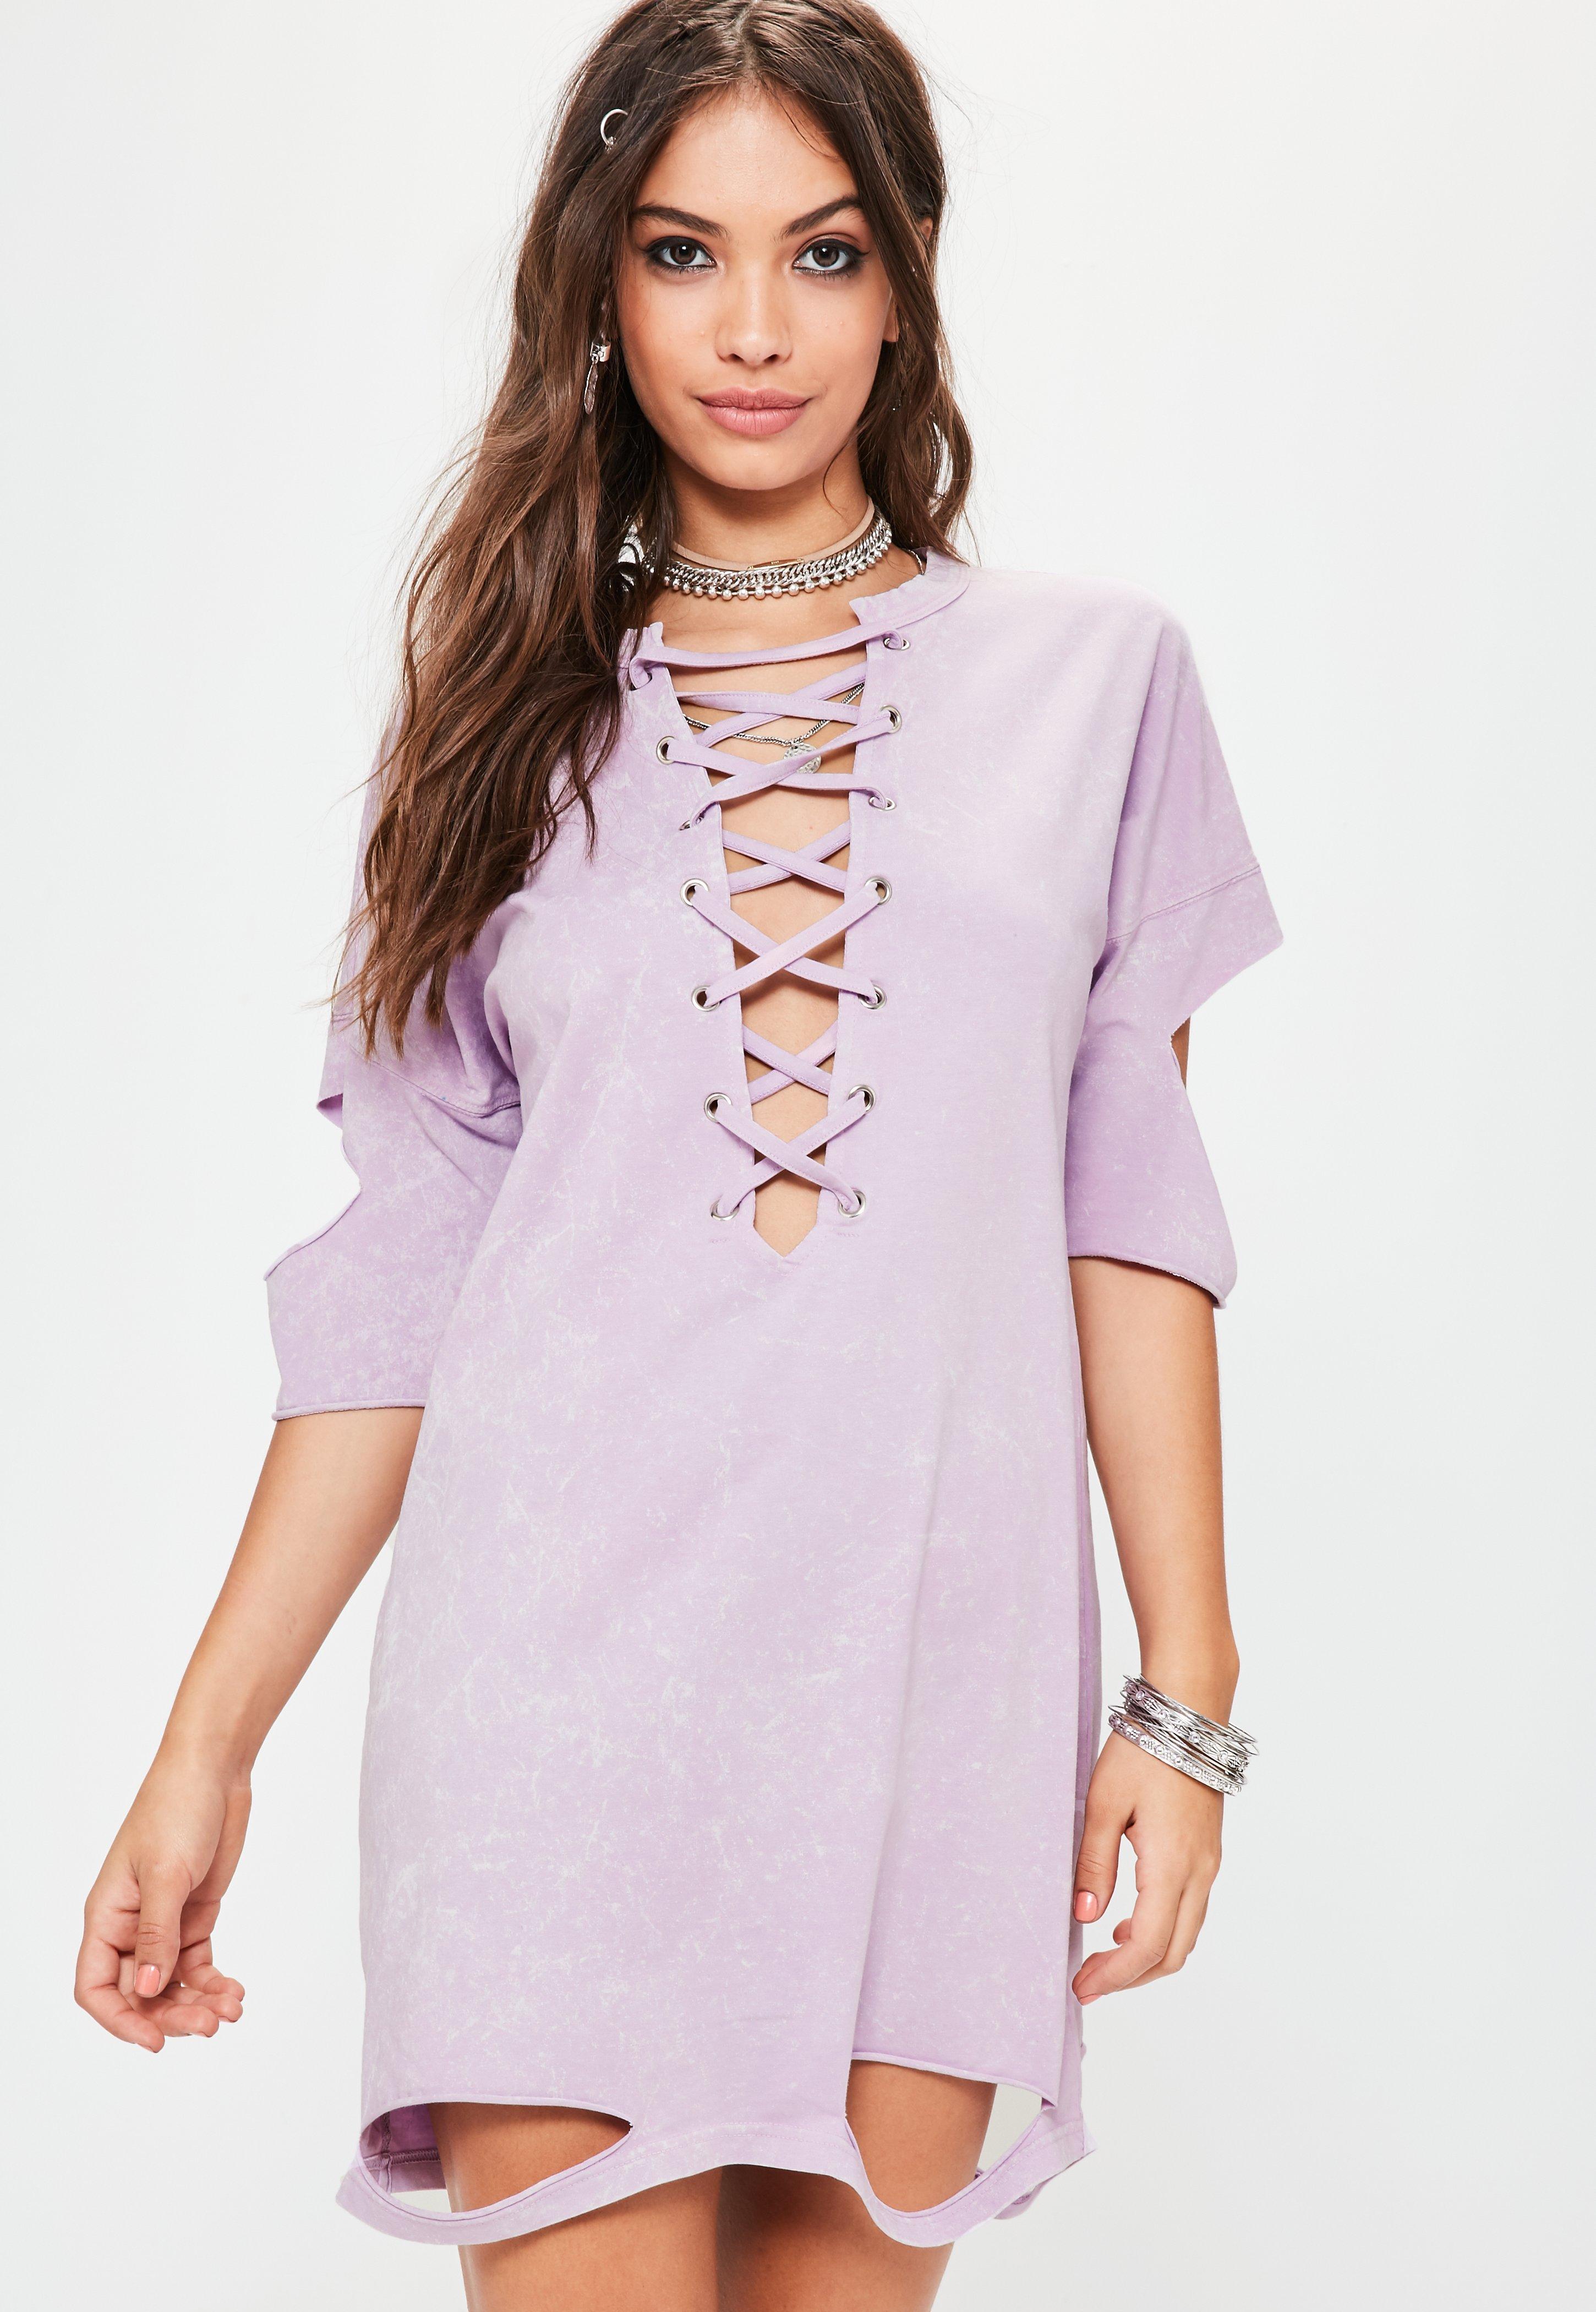 Lavender lace pencil dress